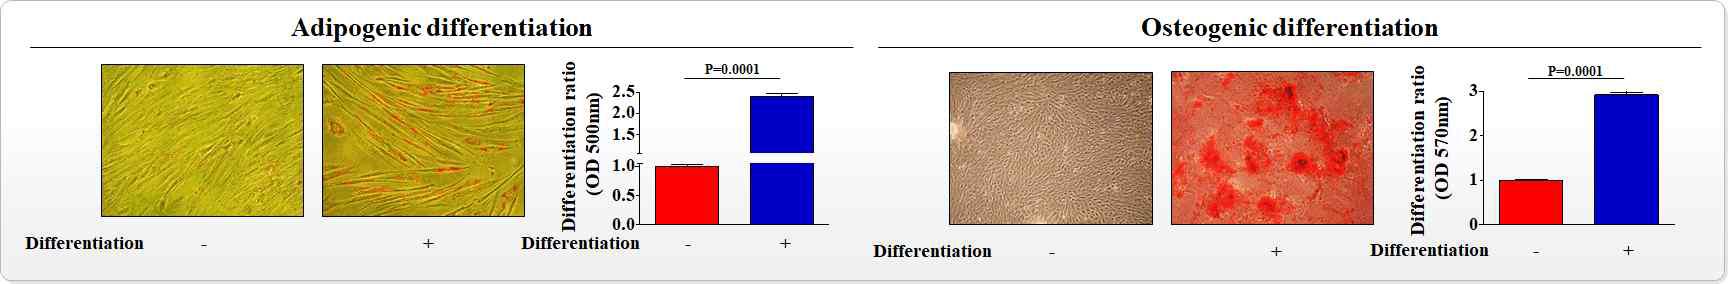 조골 및 지방 세포로의 분화 유도를 통한 자궁 줄기세포의 분화 능력 확인